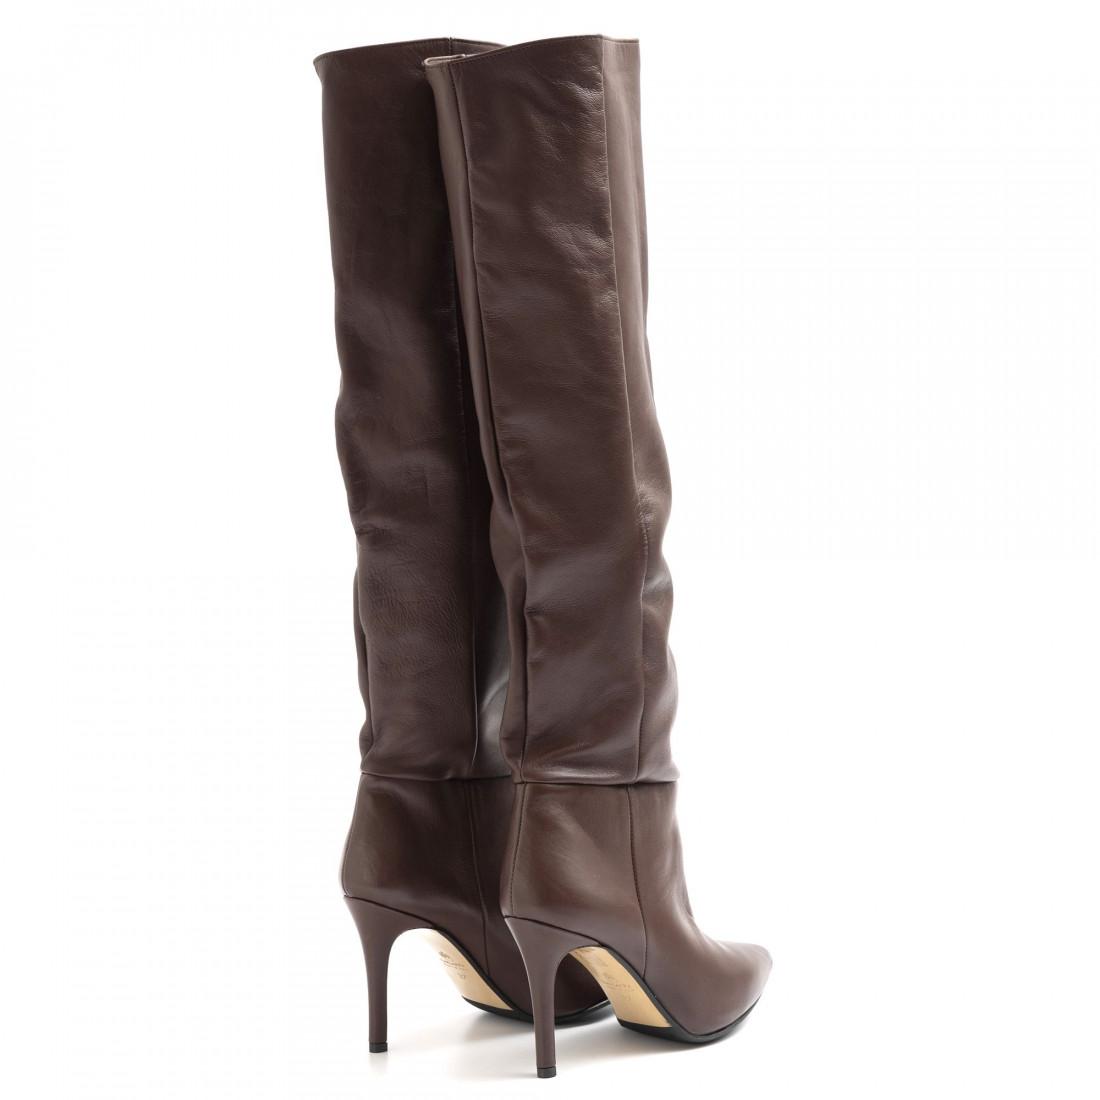 stiefel  boots damen larianna st 1175piuma moro 6292